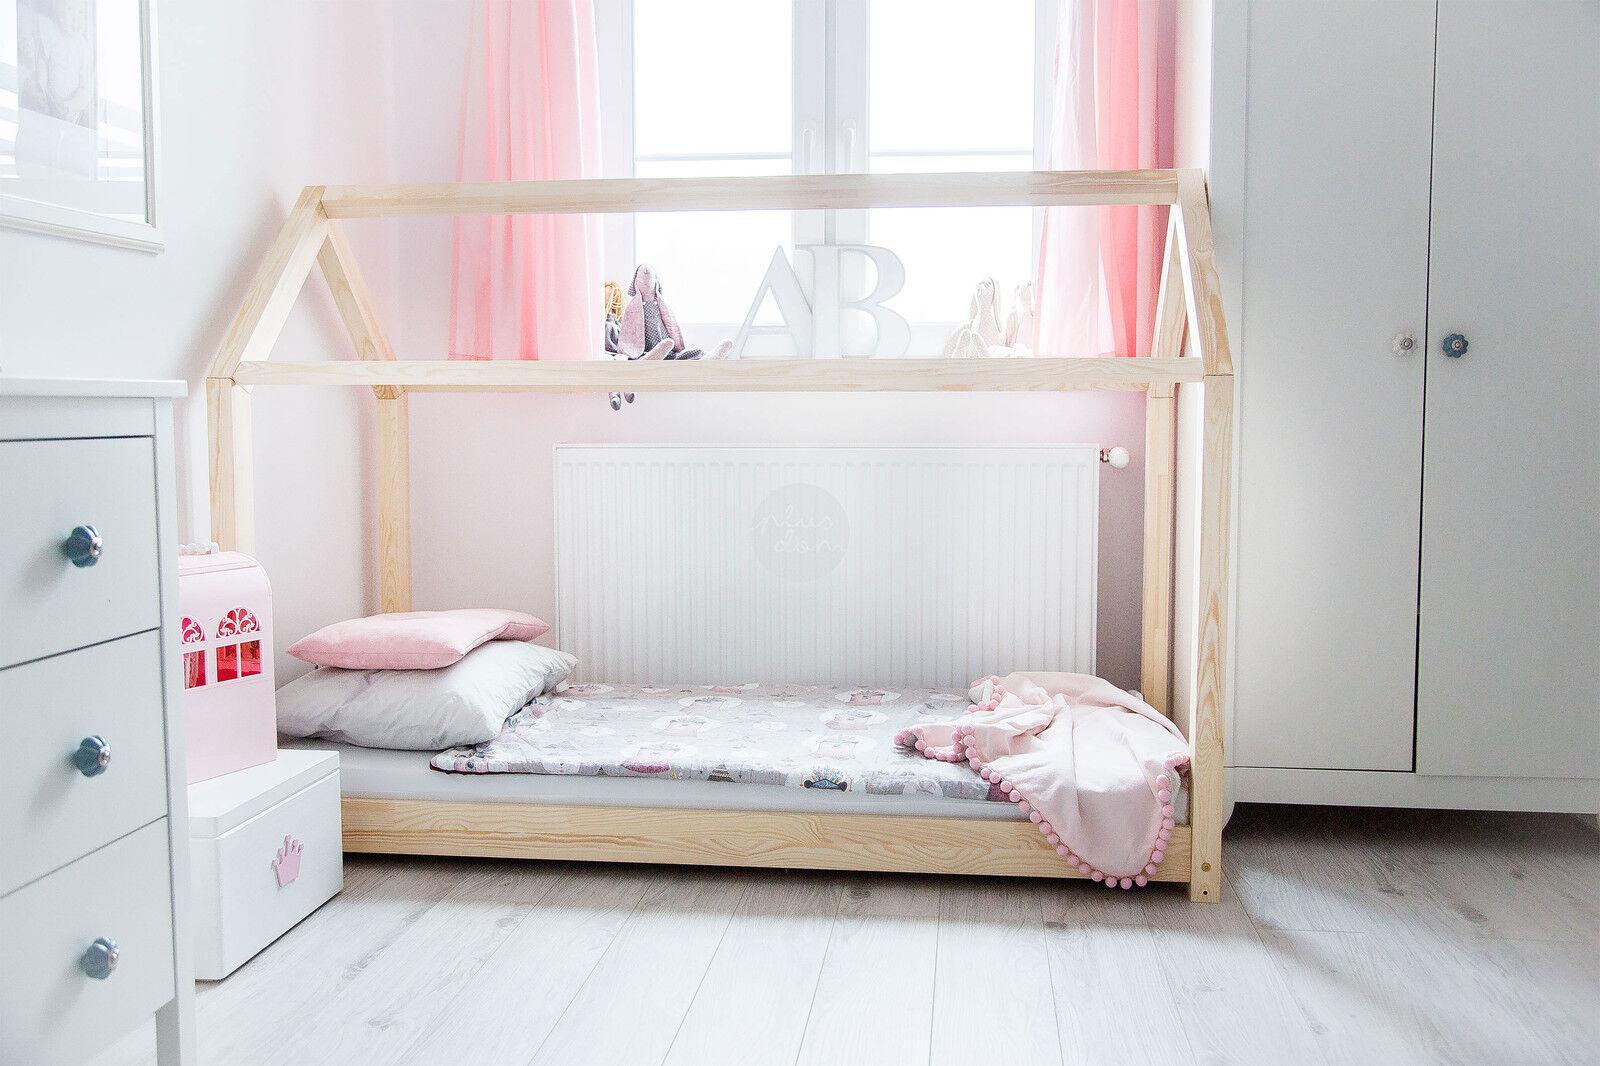 Lit enfant-Maison en bois Lit pour enfants Talo d1 90x200 cm